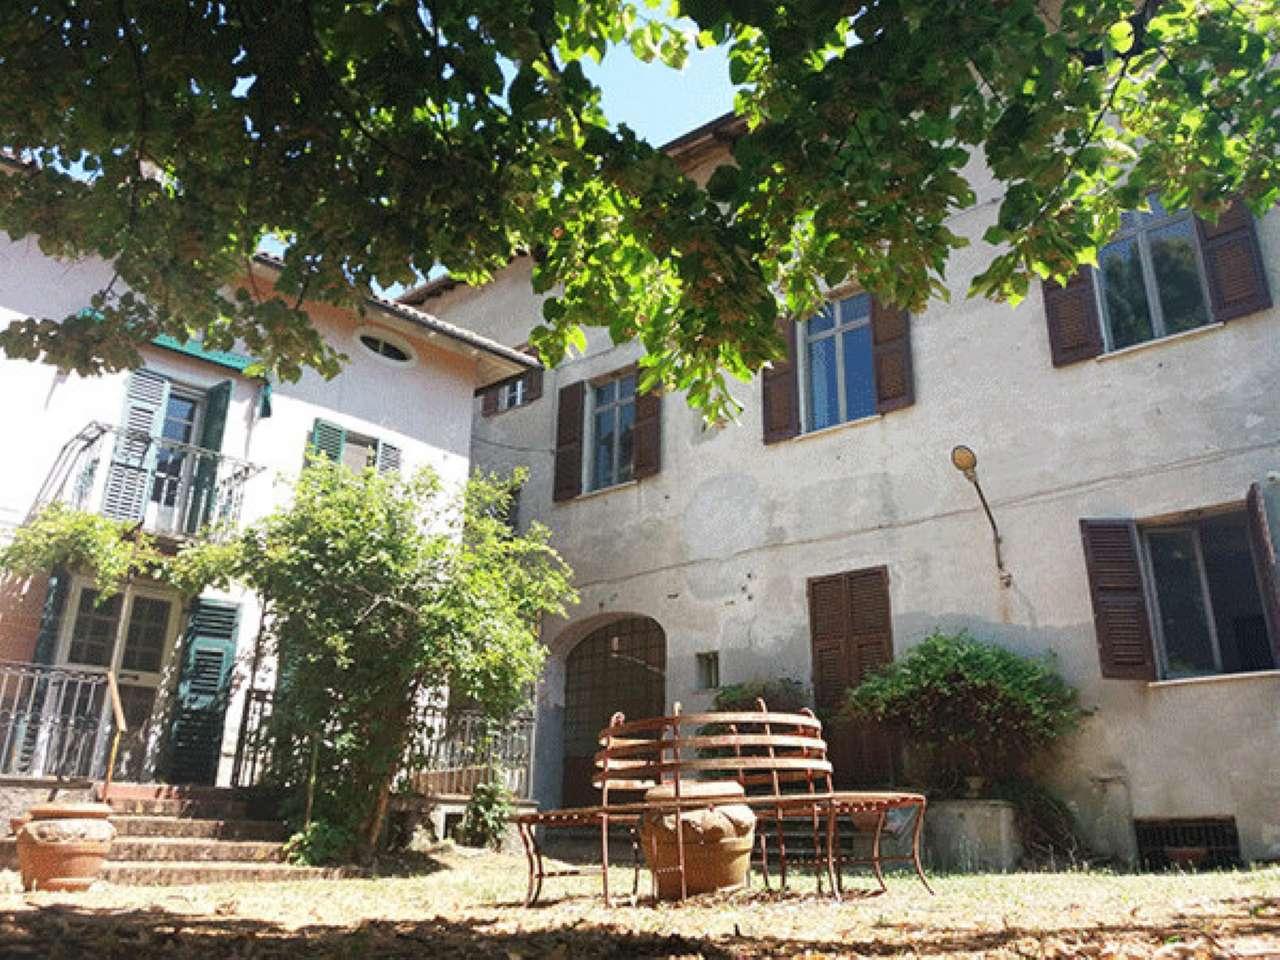 Soluzione Indipendente in vendita a Tagliolo Monferrato, 11 locali, prezzo € 190.000 | PortaleAgenzieImmobiliari.it